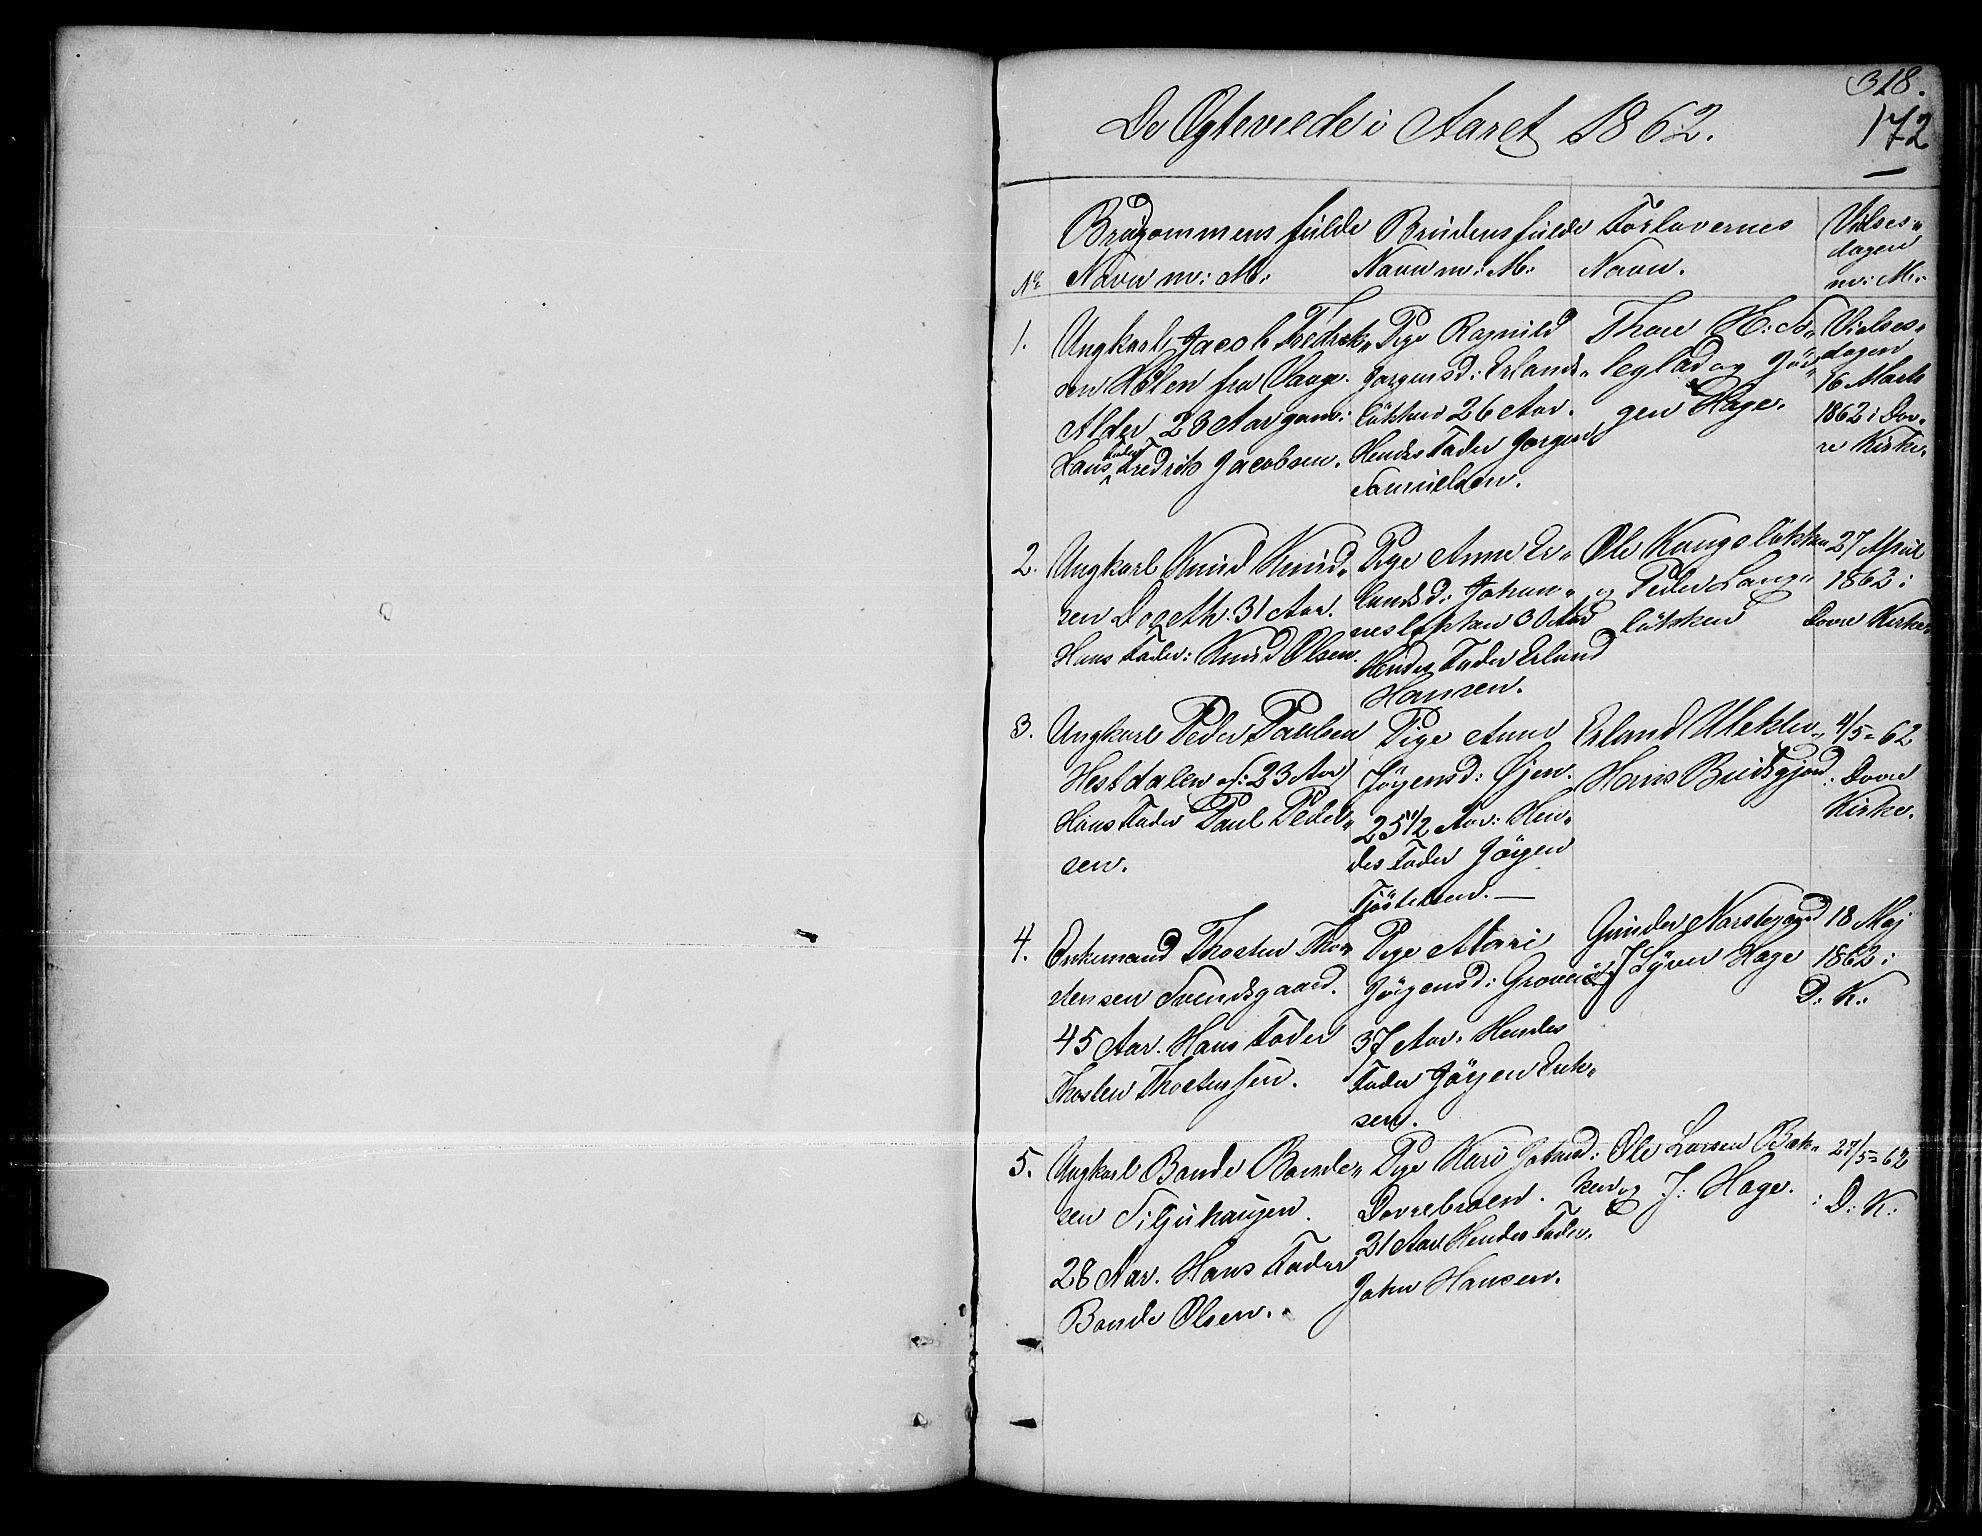 SAH, Dovre prestekontor, Klokkerbok nr. 1, 1862-1880, s. 318